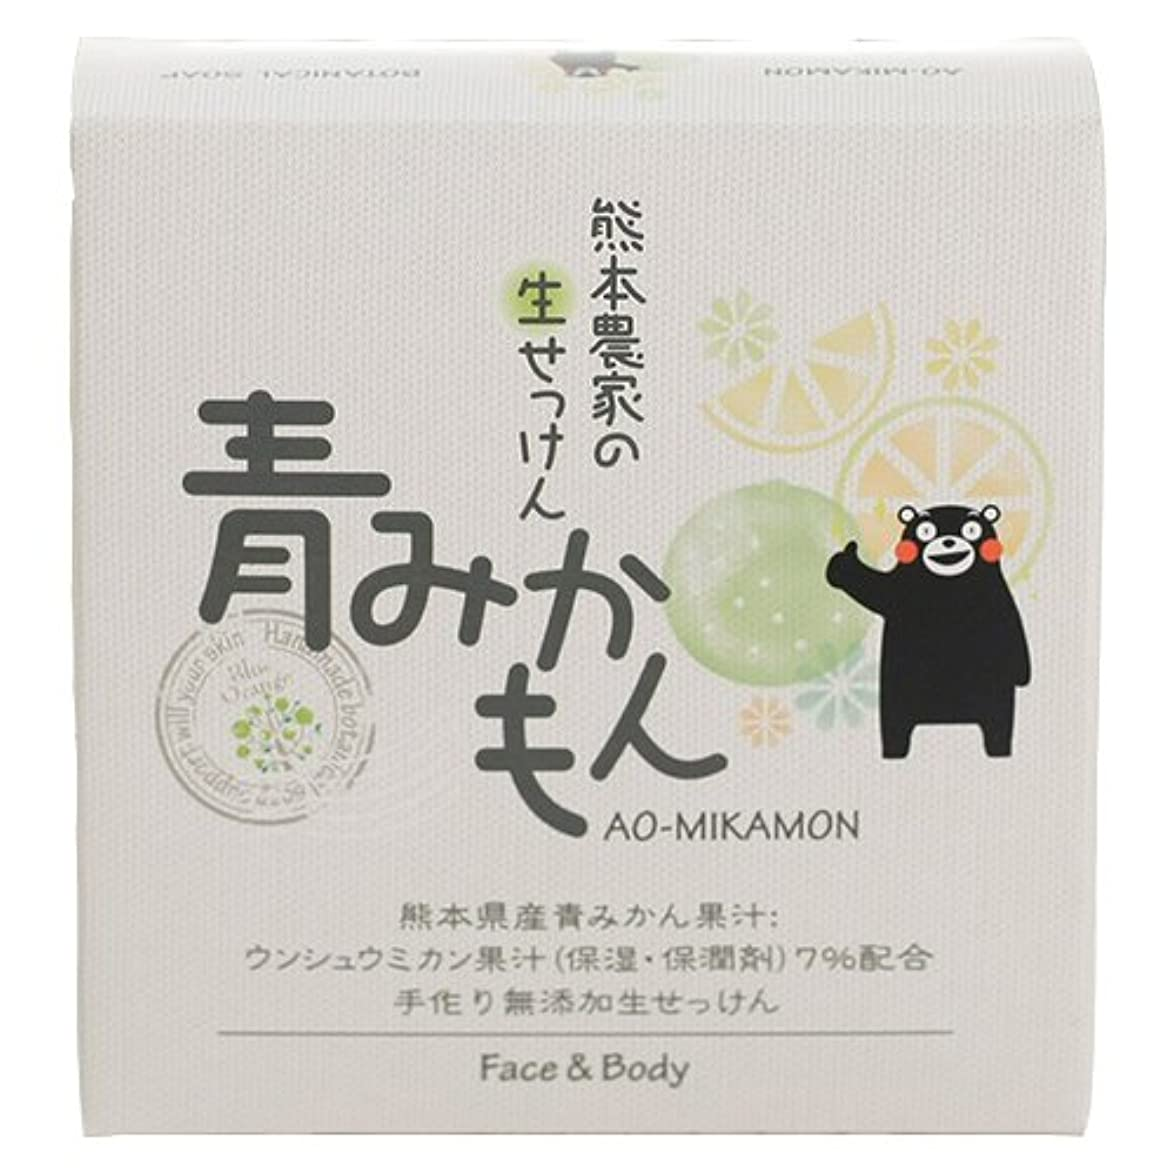 プログラム理由スキームゼネラルリンク 熊本農家の生せっけん 青みかもん 80g 石鹸 柑橘系の自然な香り